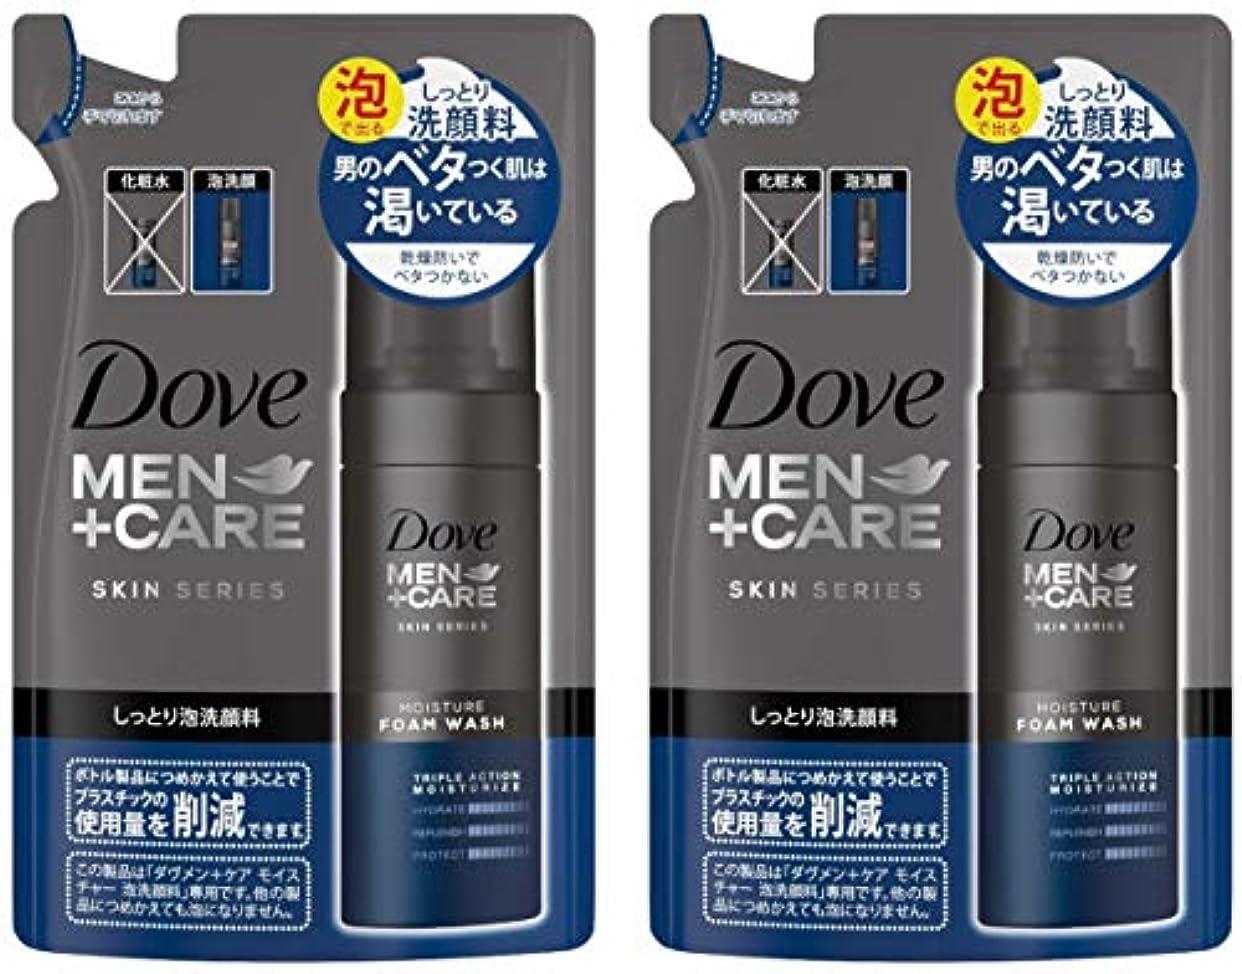 ちなみに対立アデレード【まとめ買い】ダヴ メン+ケア モイスチャー 泡洗顔料 つめかえ用 120mL×2個